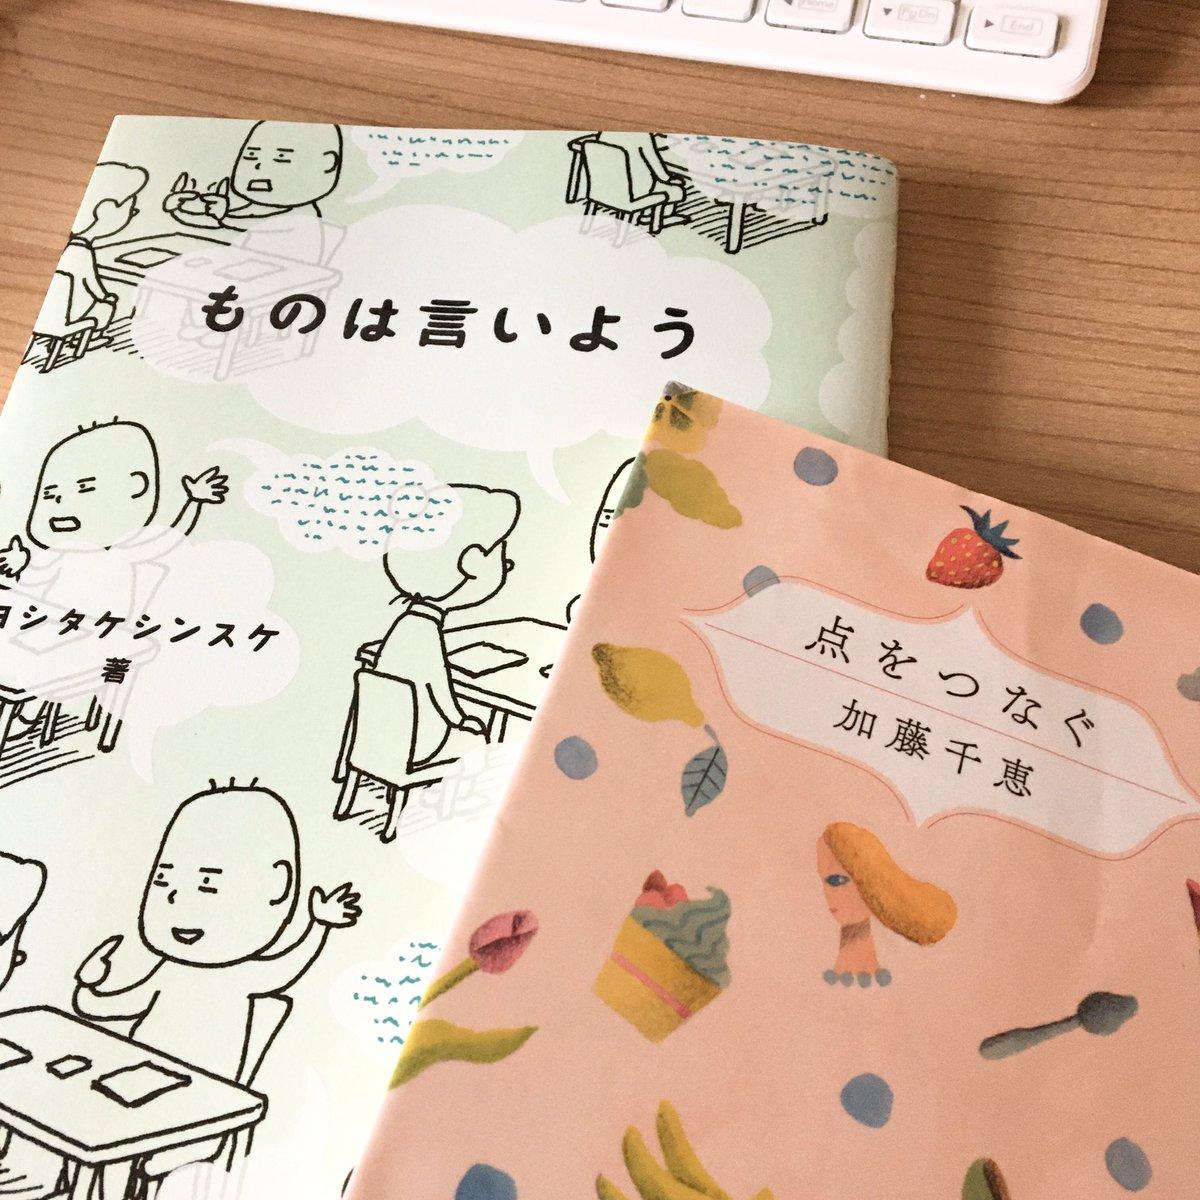 2冊の本を読み終えた。感想はこちら⤵︎ ⤵︎ 本は面白いね♡#ヨシタケシンスケ#加藤千恵#読書